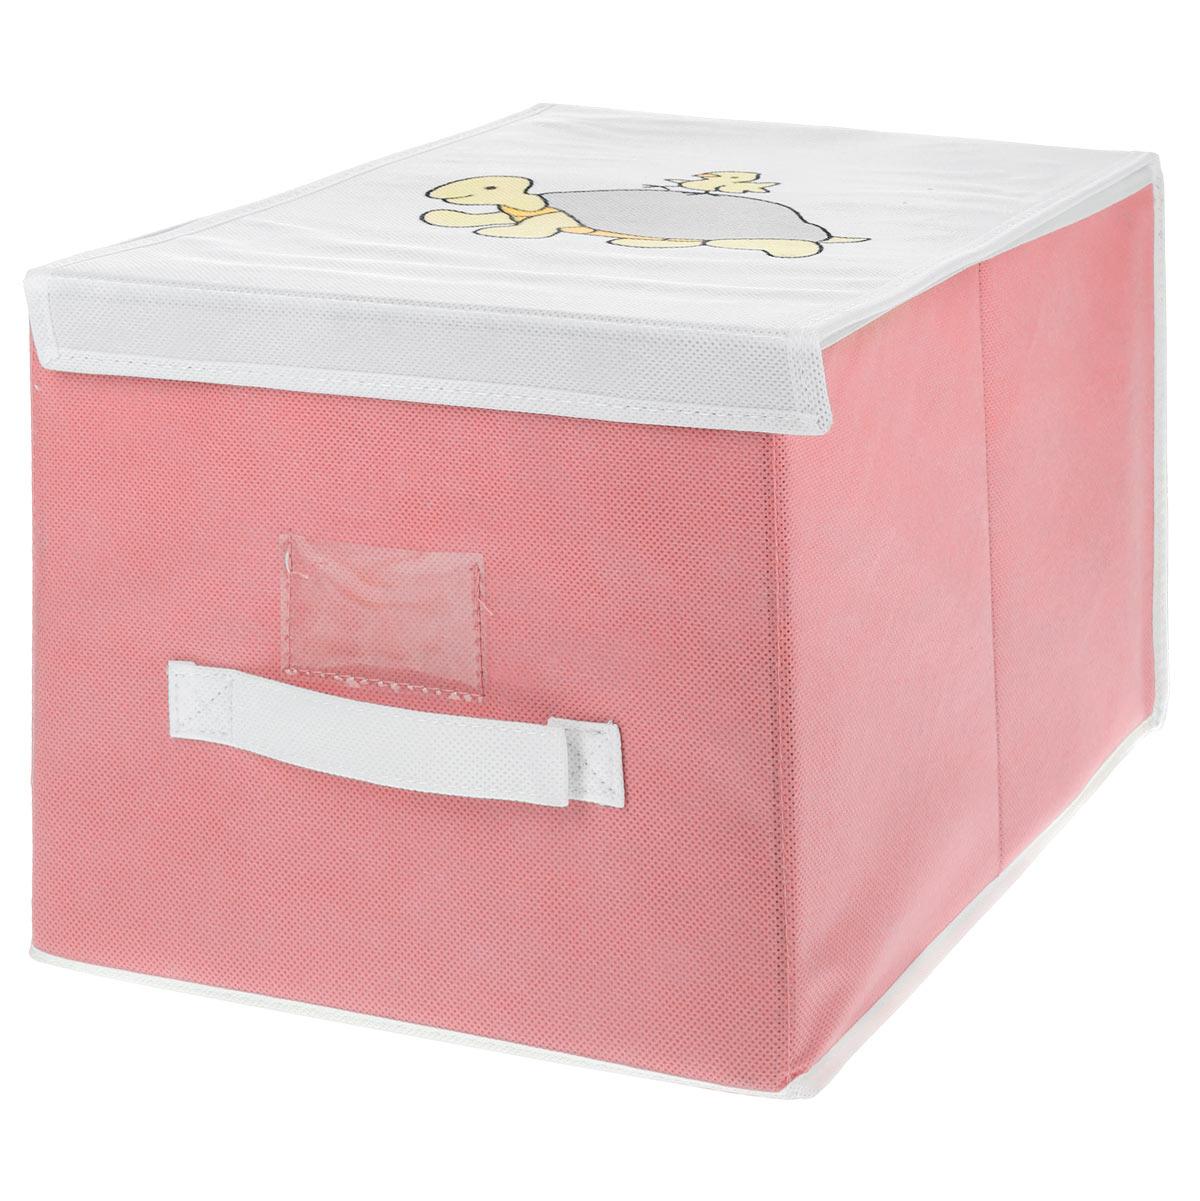 Чехол для хранения Voila Baby, цвет: розовый, 30 см х 40 см х 25 см3310_салатовыйЧехол Voila Baby выполнен из дышащего нетканого материала (полипропилен), безопасного в использовании. Изделие предназначено для хранения вещей. Он защитит вещи от повреждений, пыли, влаги и загрязнений во время хранения и транспортировки. Чехол идеально подходит для хранения детских вещей и игрушек. Жесткий каркас из плотного толстого картона, обеспечивает устойчивость конструкции. Изделие оформлено красочным изображением. Закрывается на липучки.